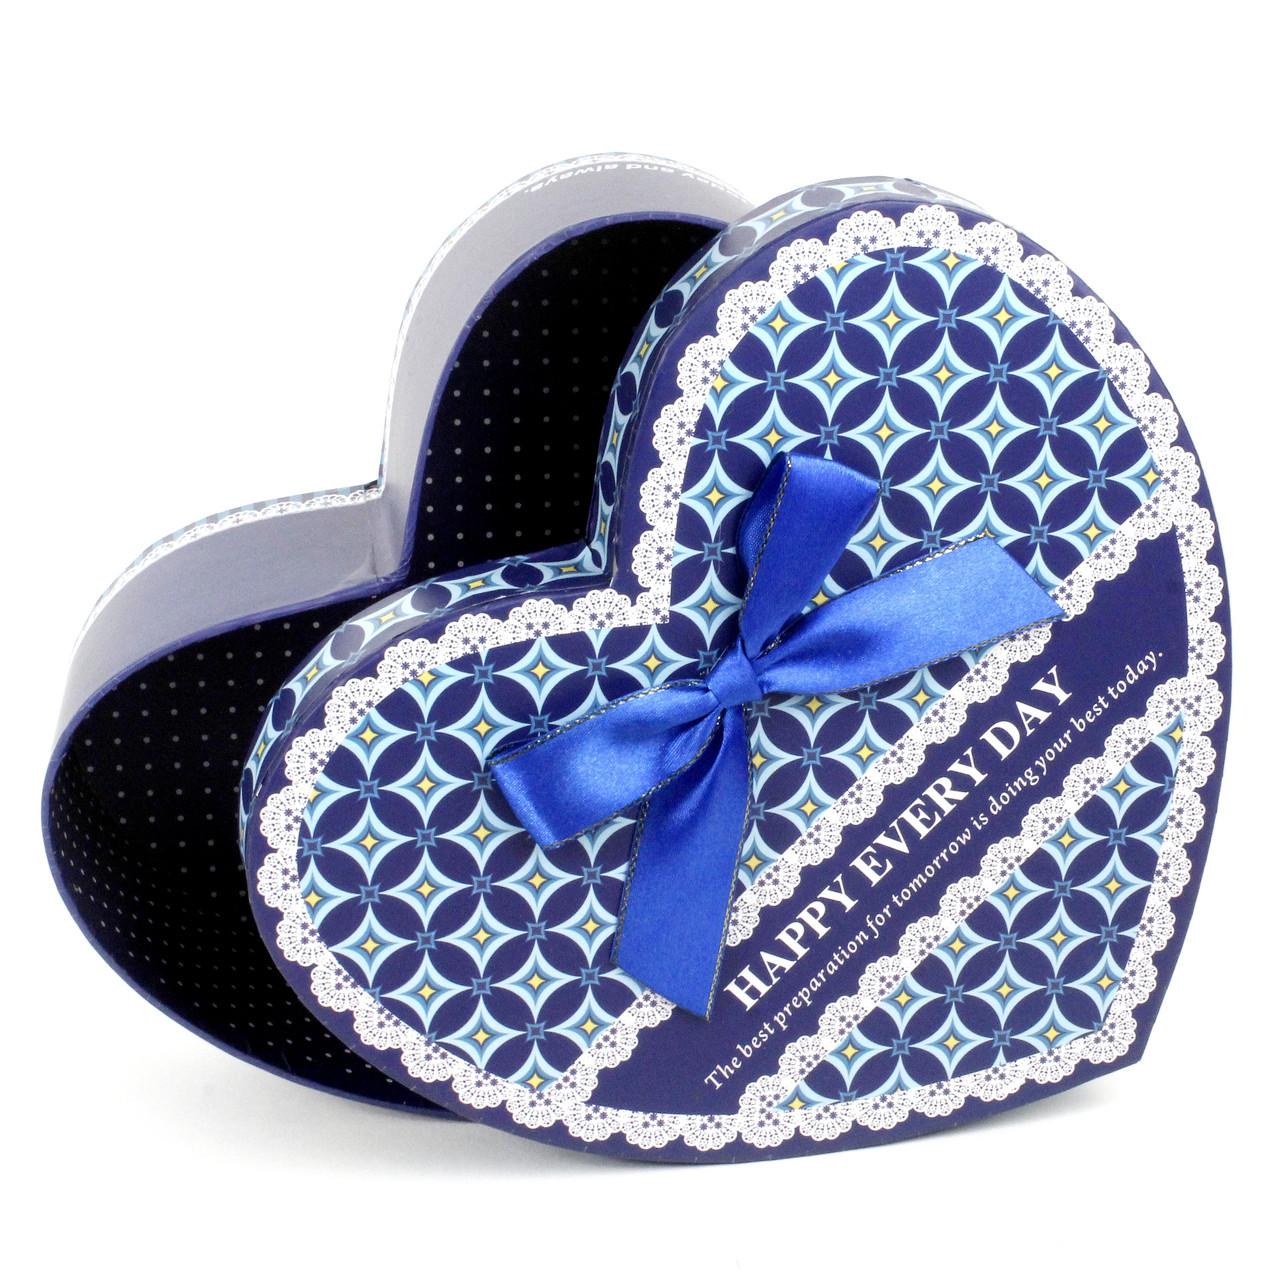 Подарочная коробка в форме сердца синяя 31 x 29.5 x 10 см